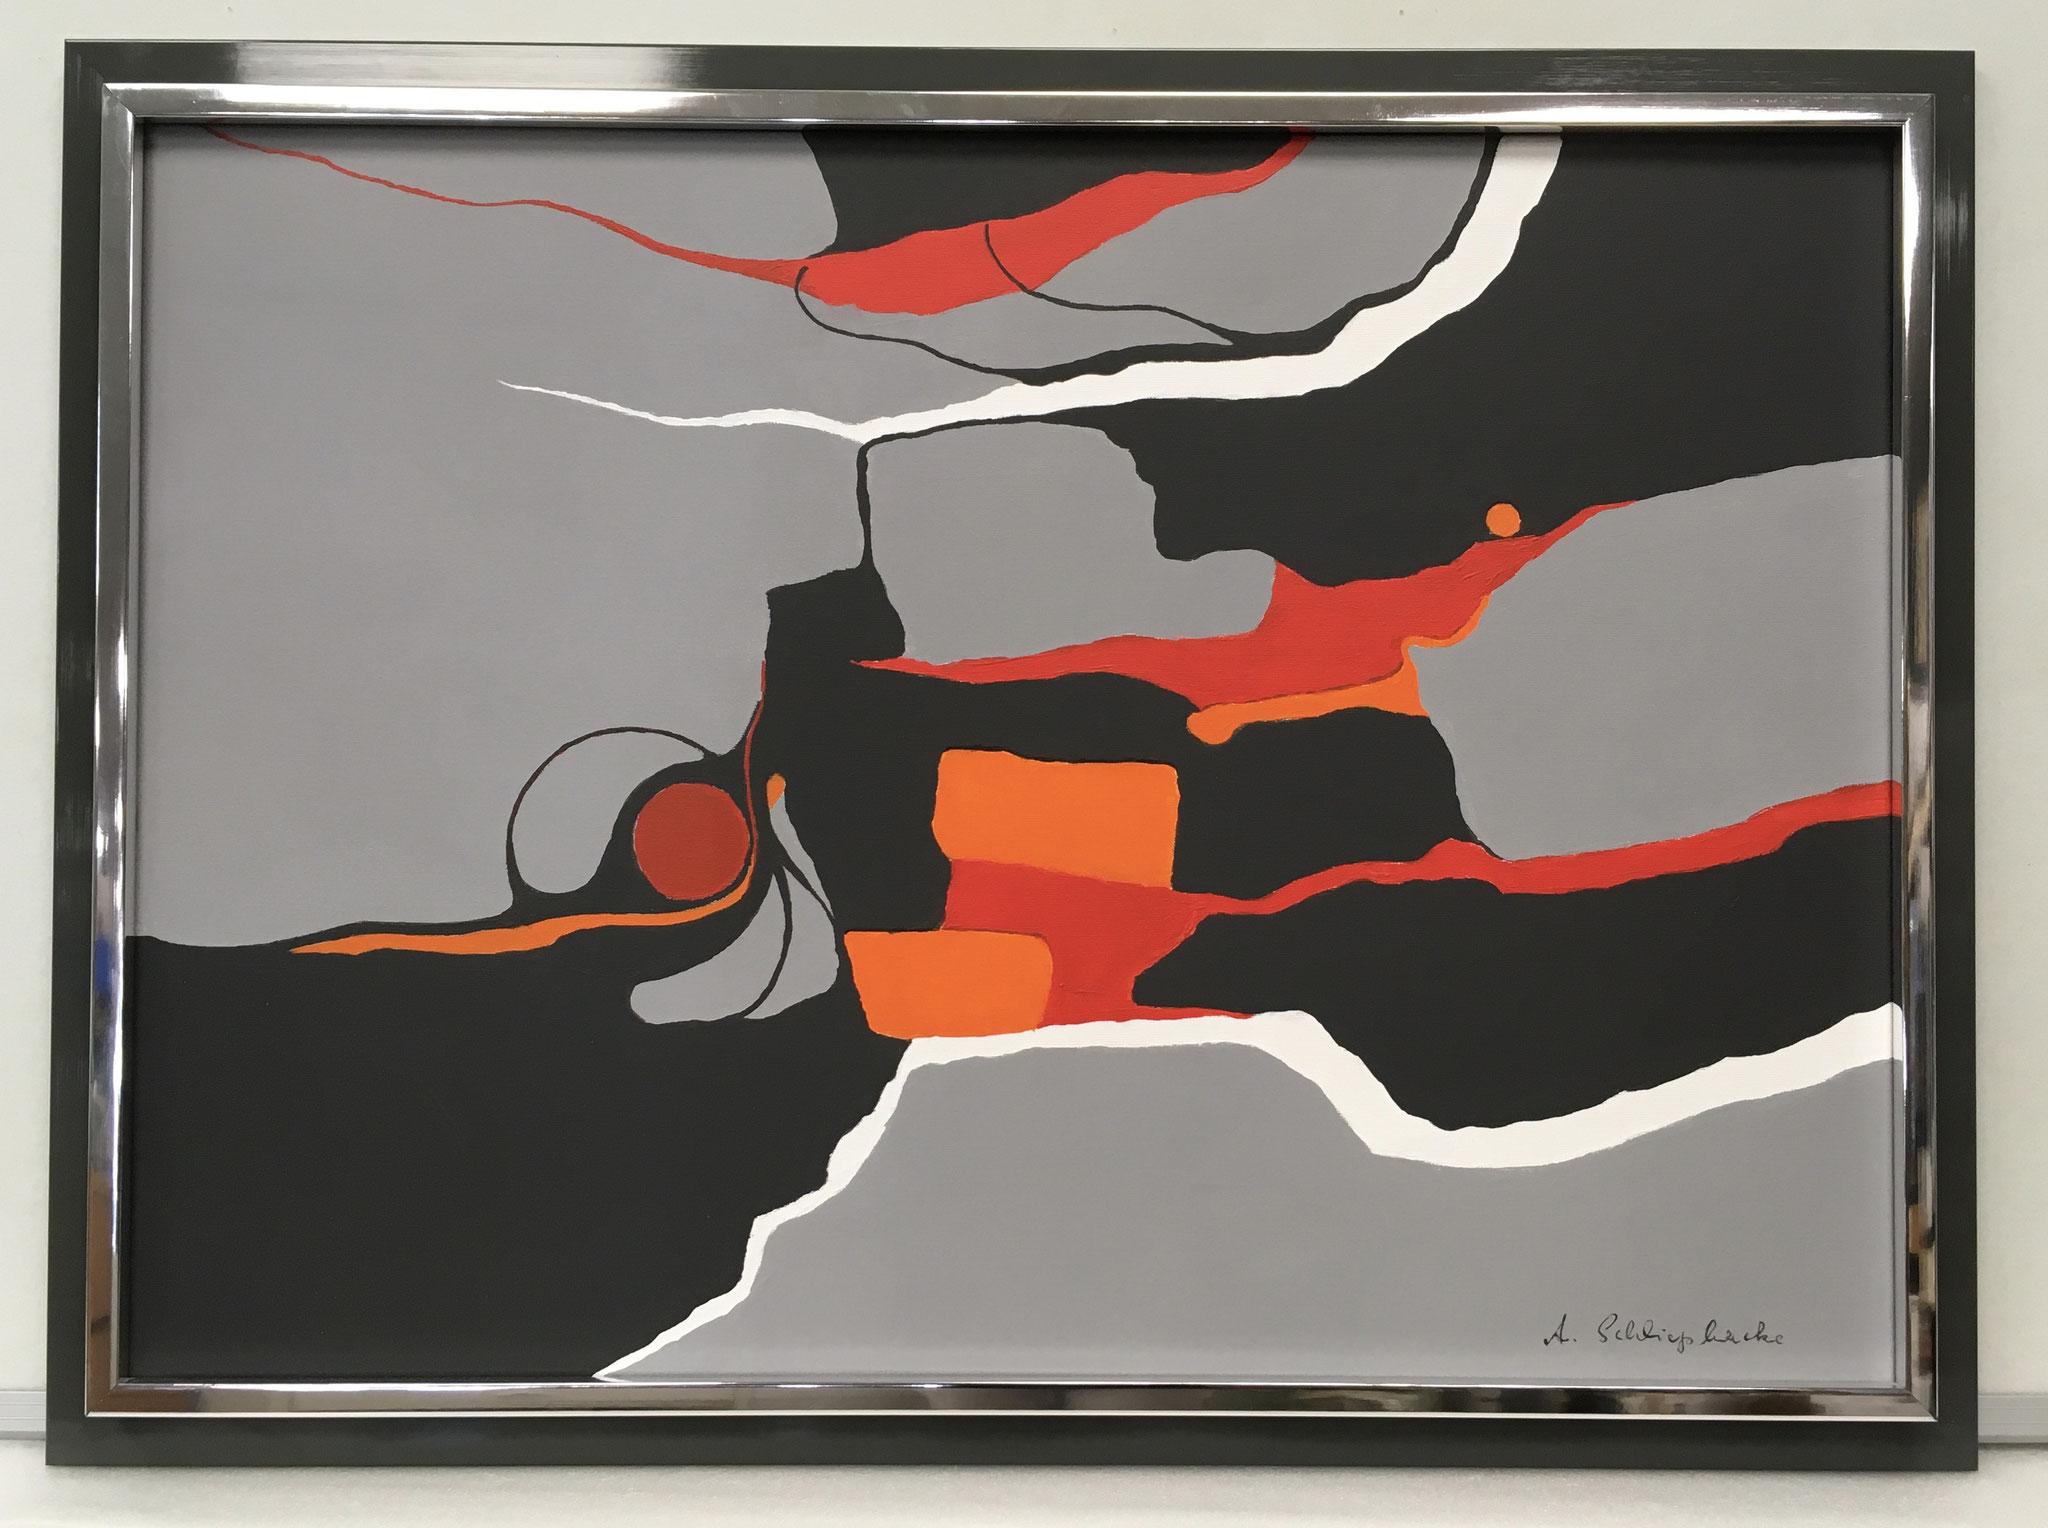 """Orig. Acrylbild auf Leinwand """"Großer roter Punkt in schwarz"""" - 75 x 55cm - gerahmt 990,-€"""